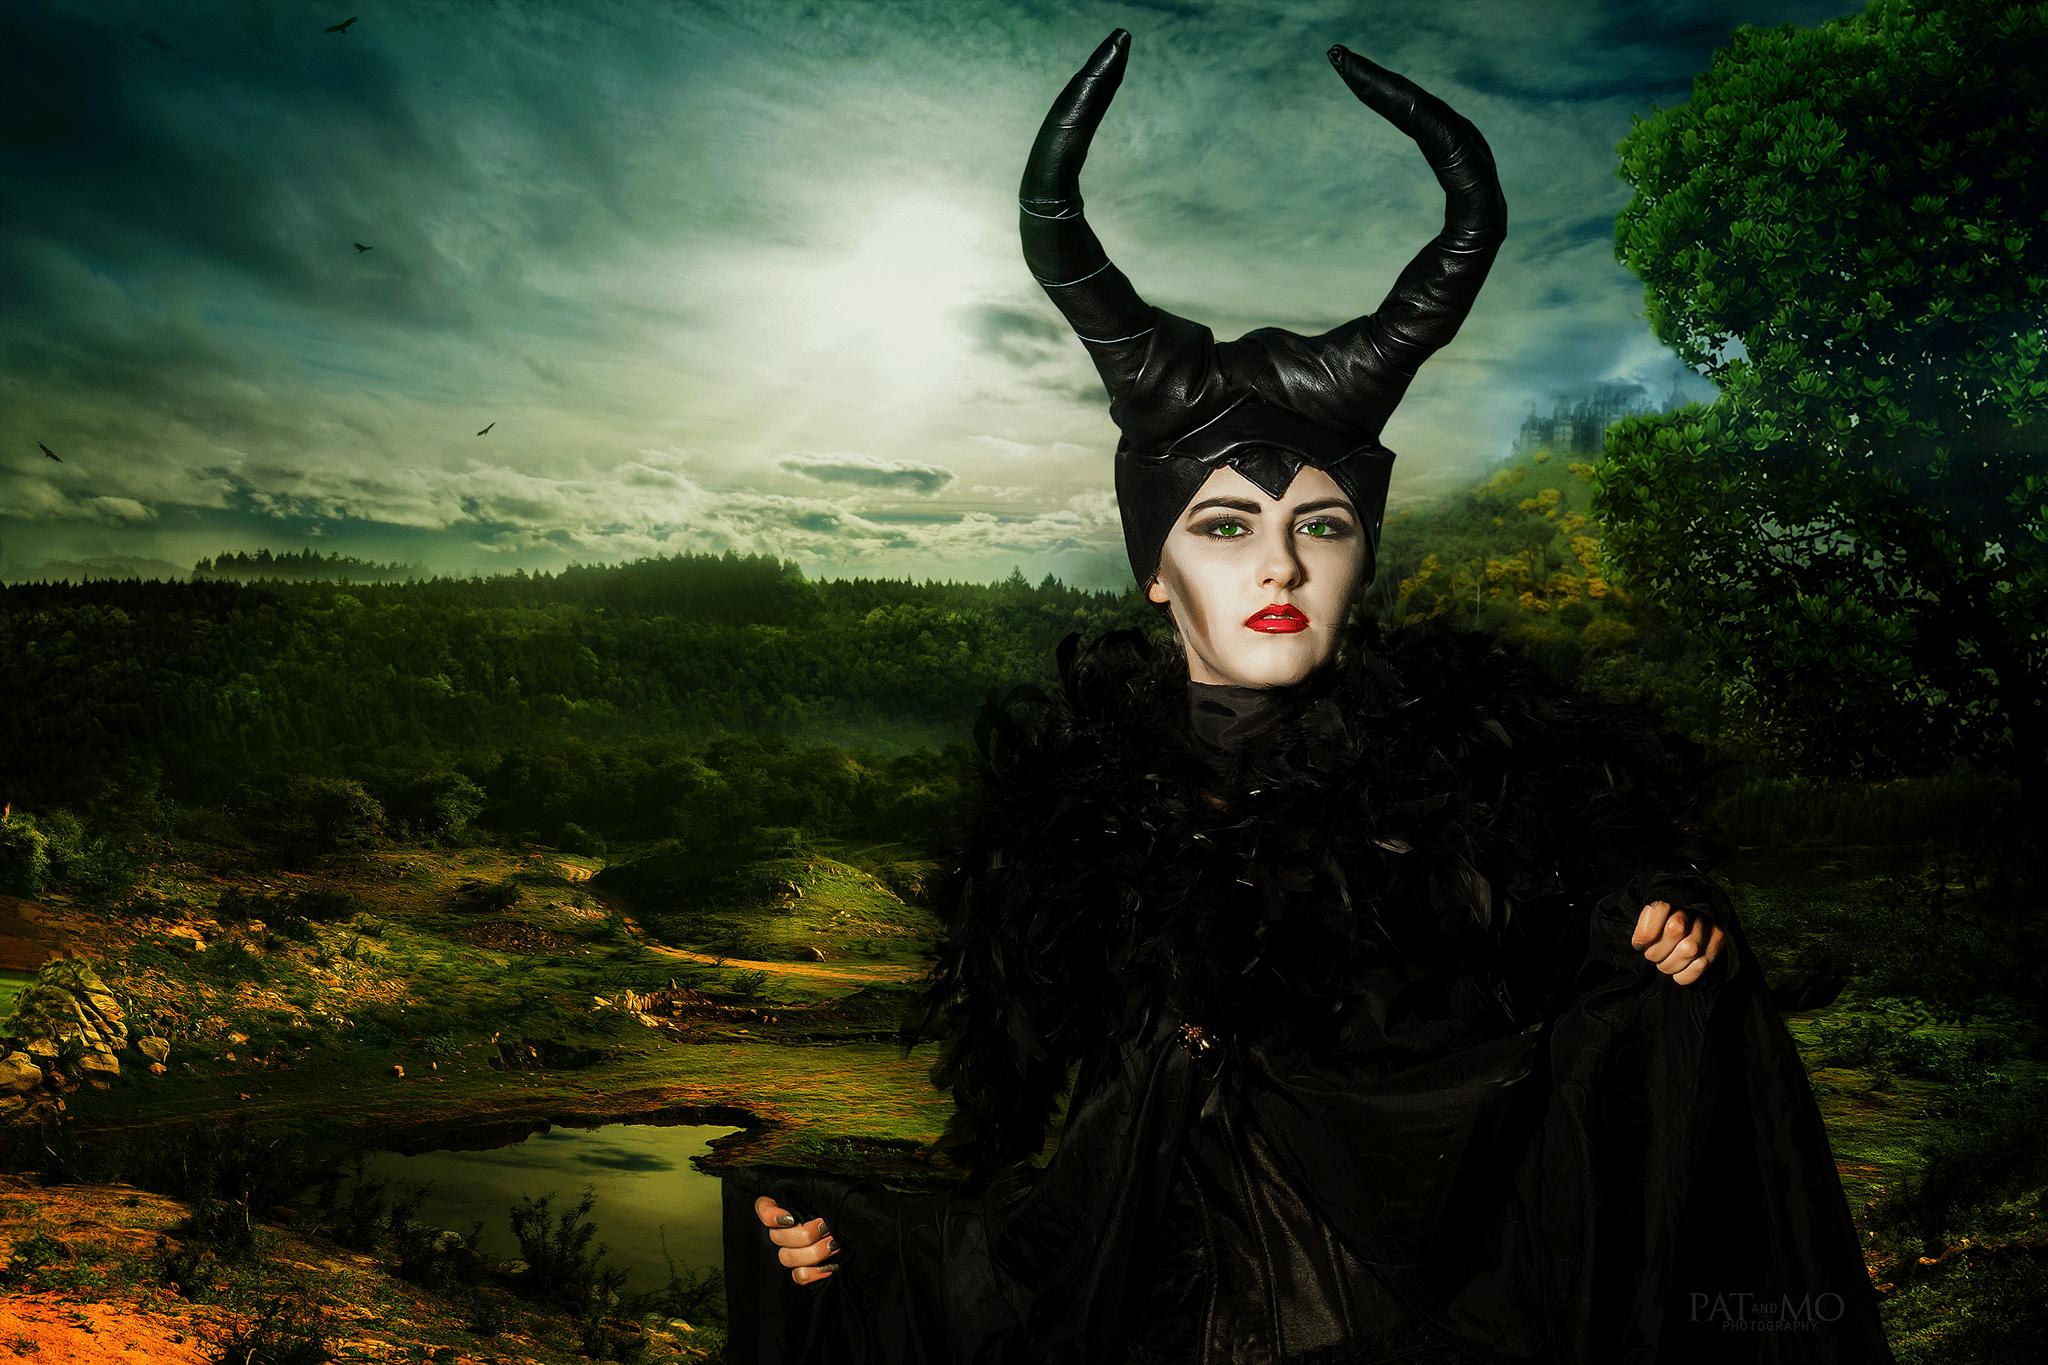 Hintergrund-Maleficent03b